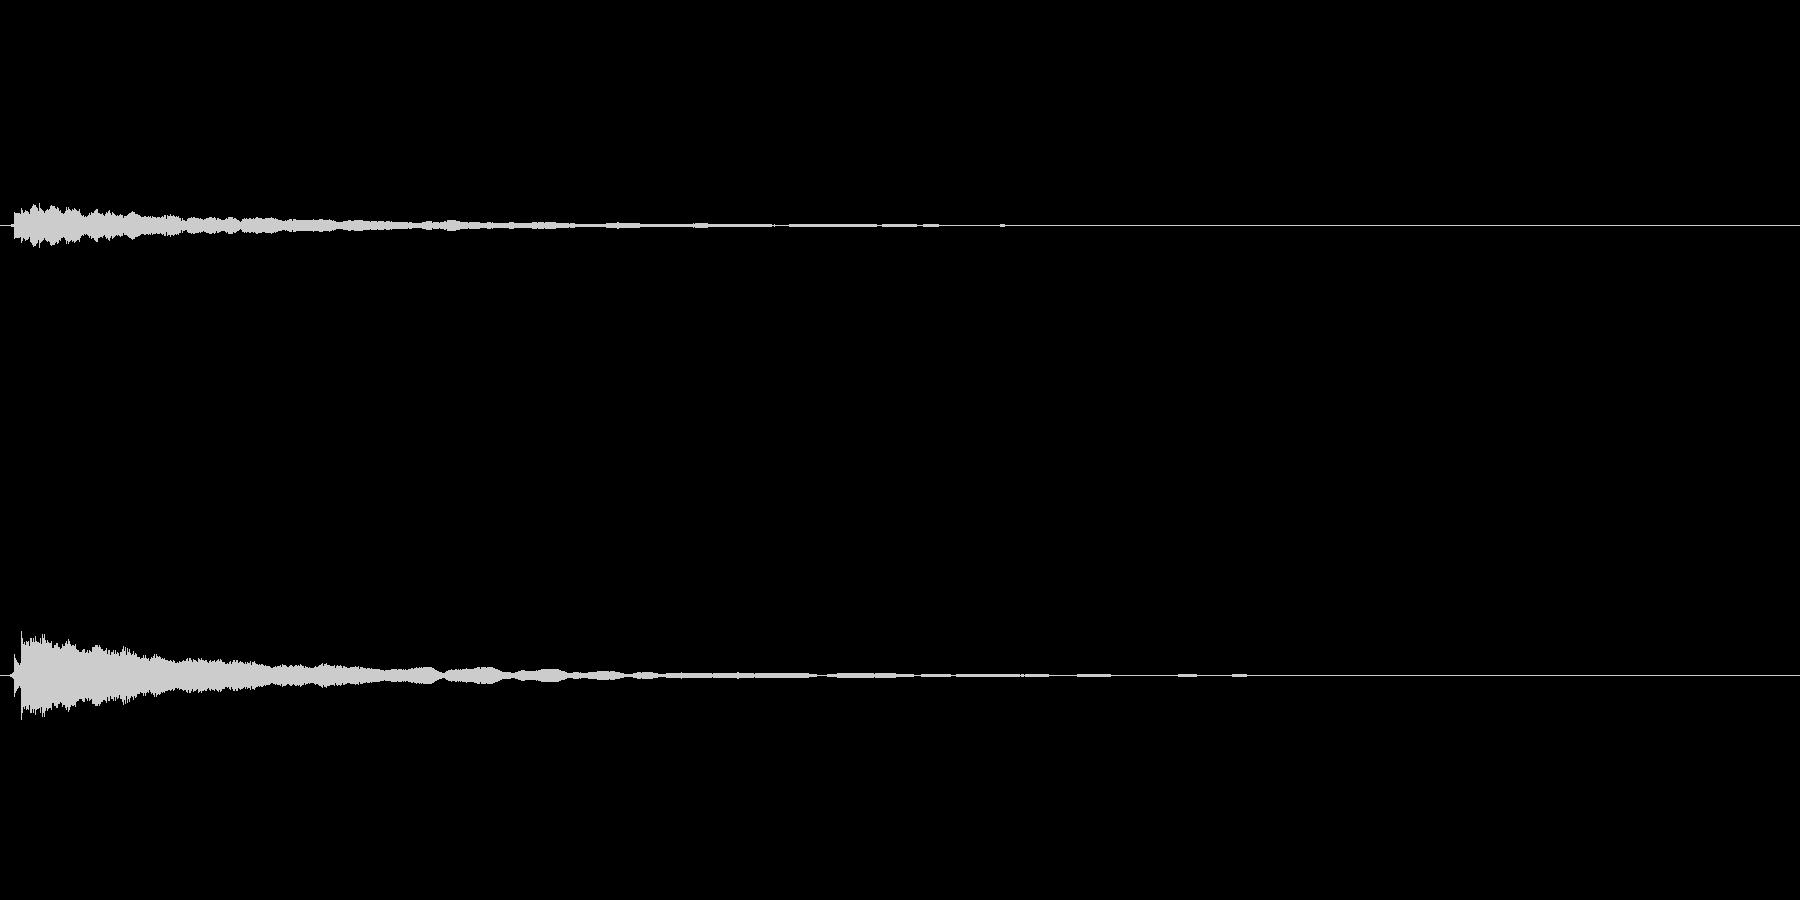 キラキラ系_050の未再生の波形